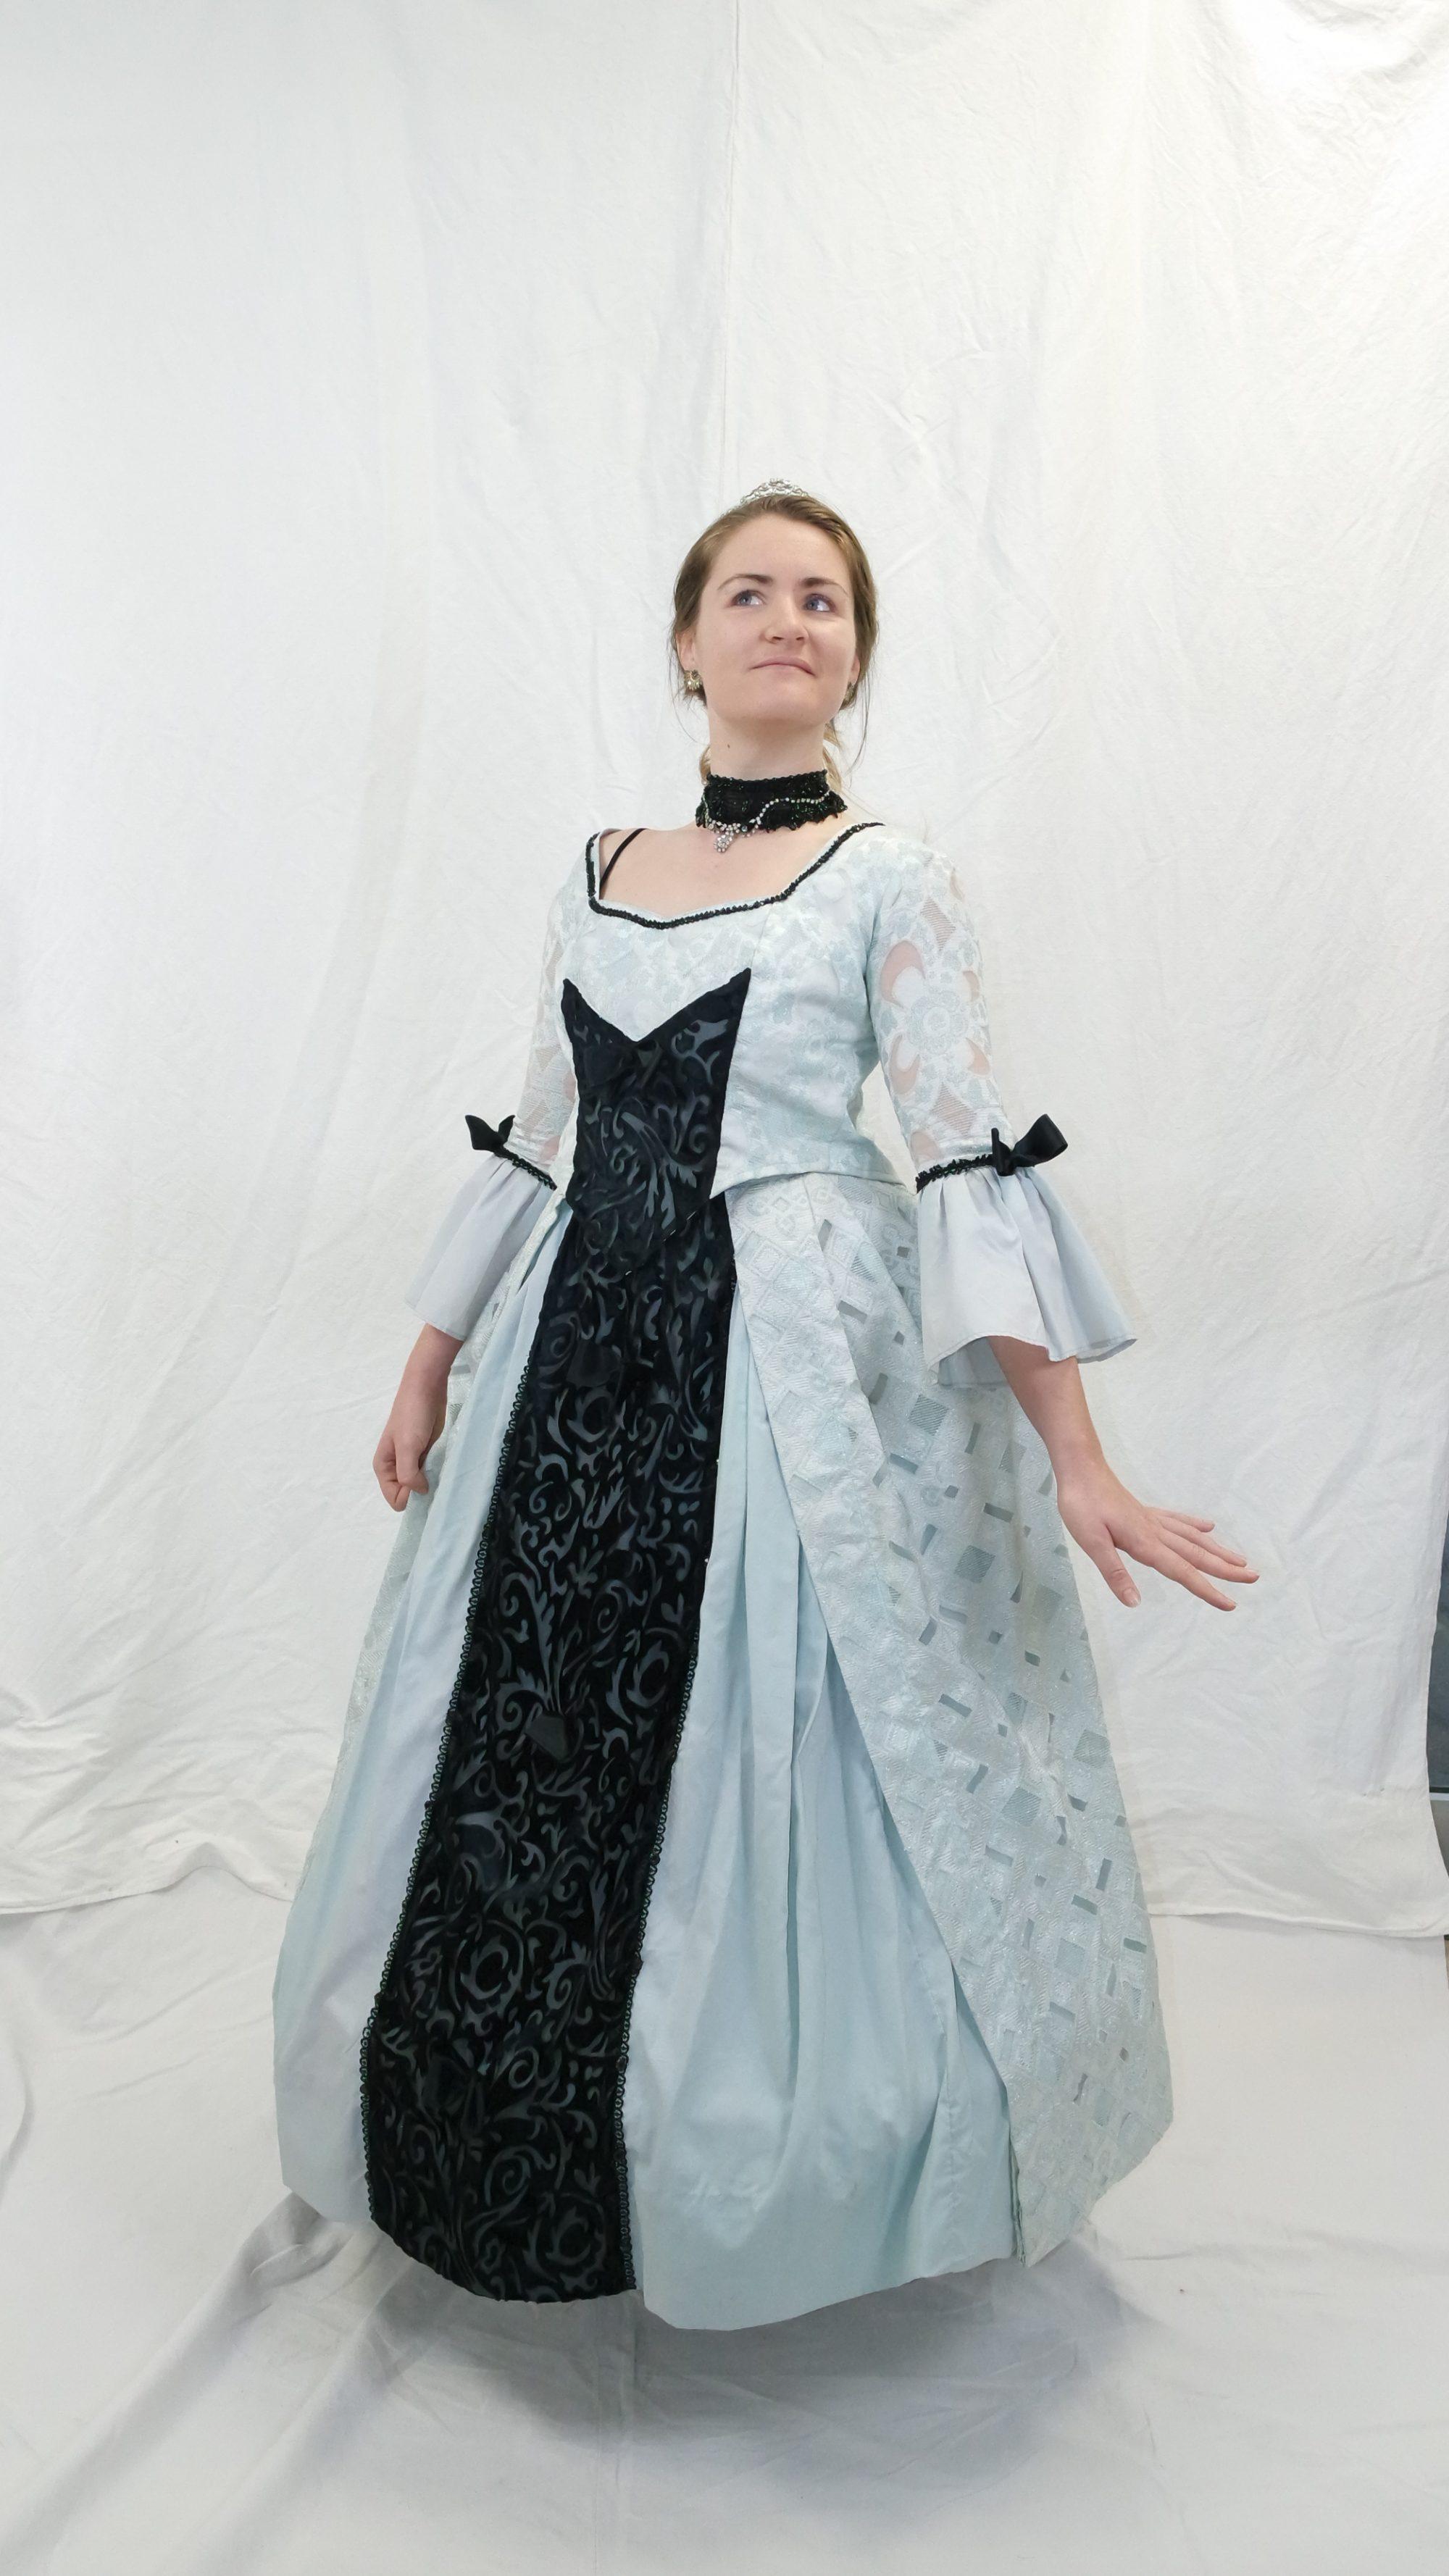 robe XVIII bleu ciel assortie de noir